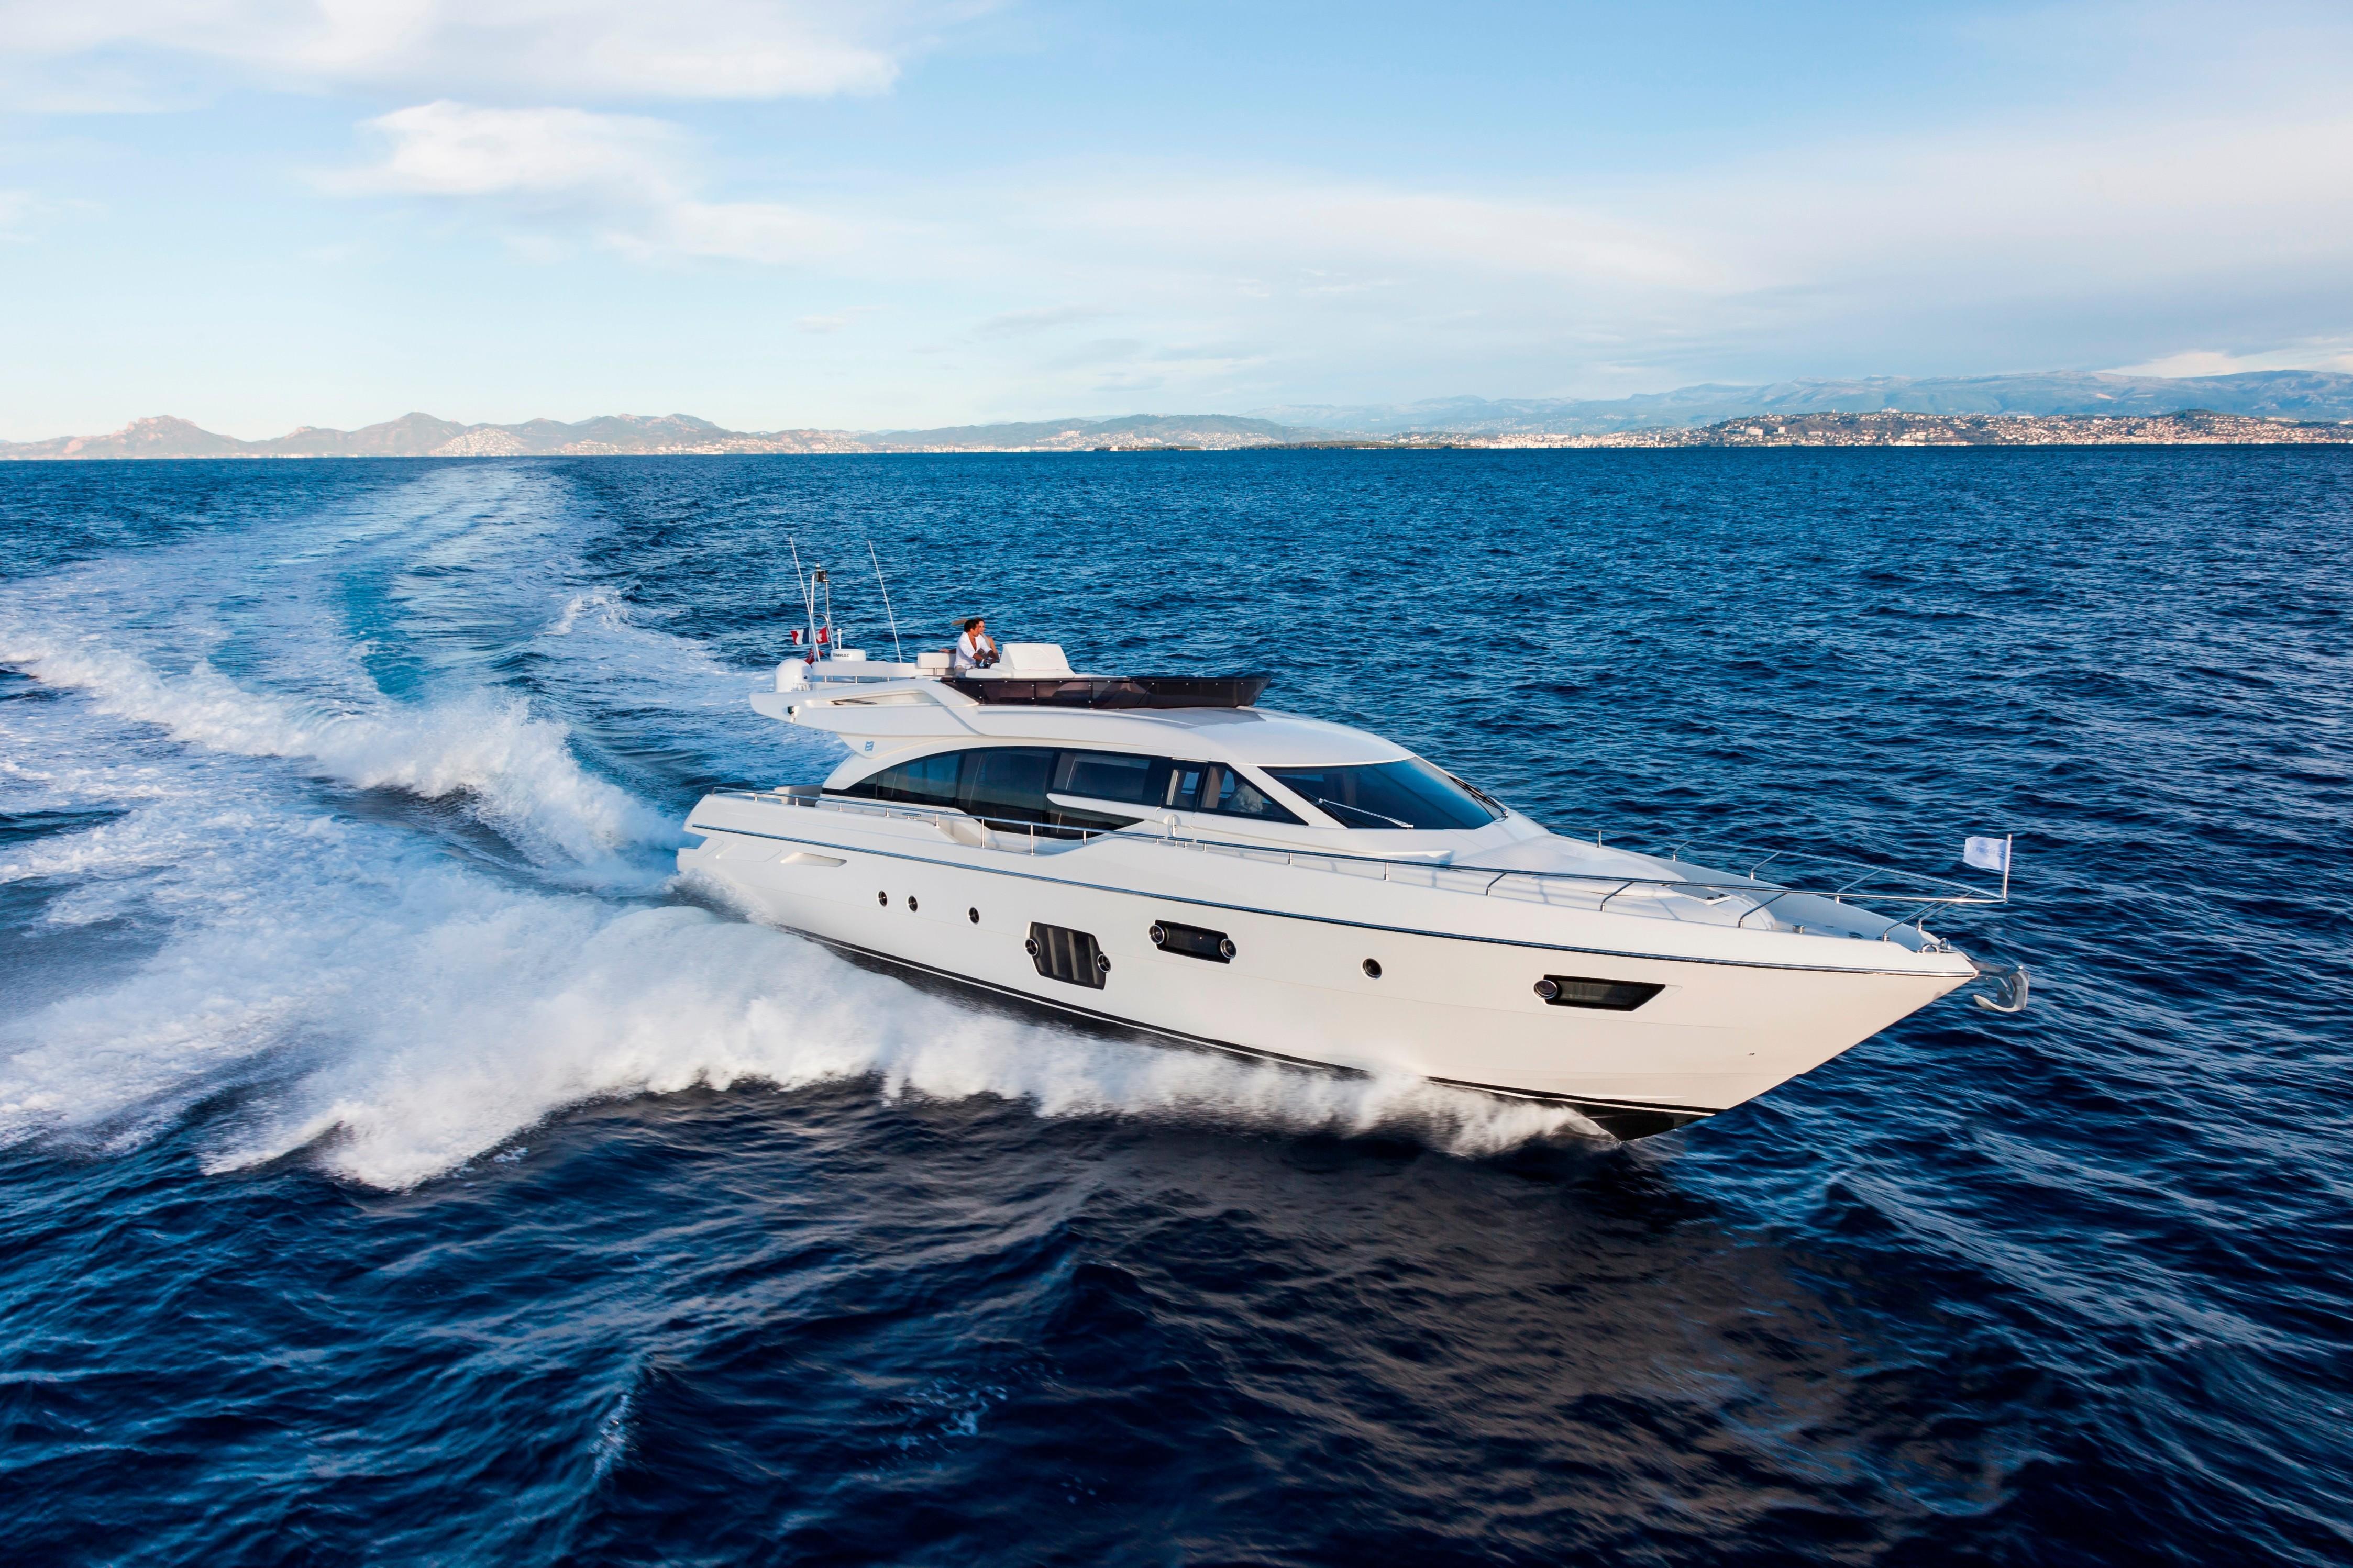 2014 Ferretti 690 - Profile